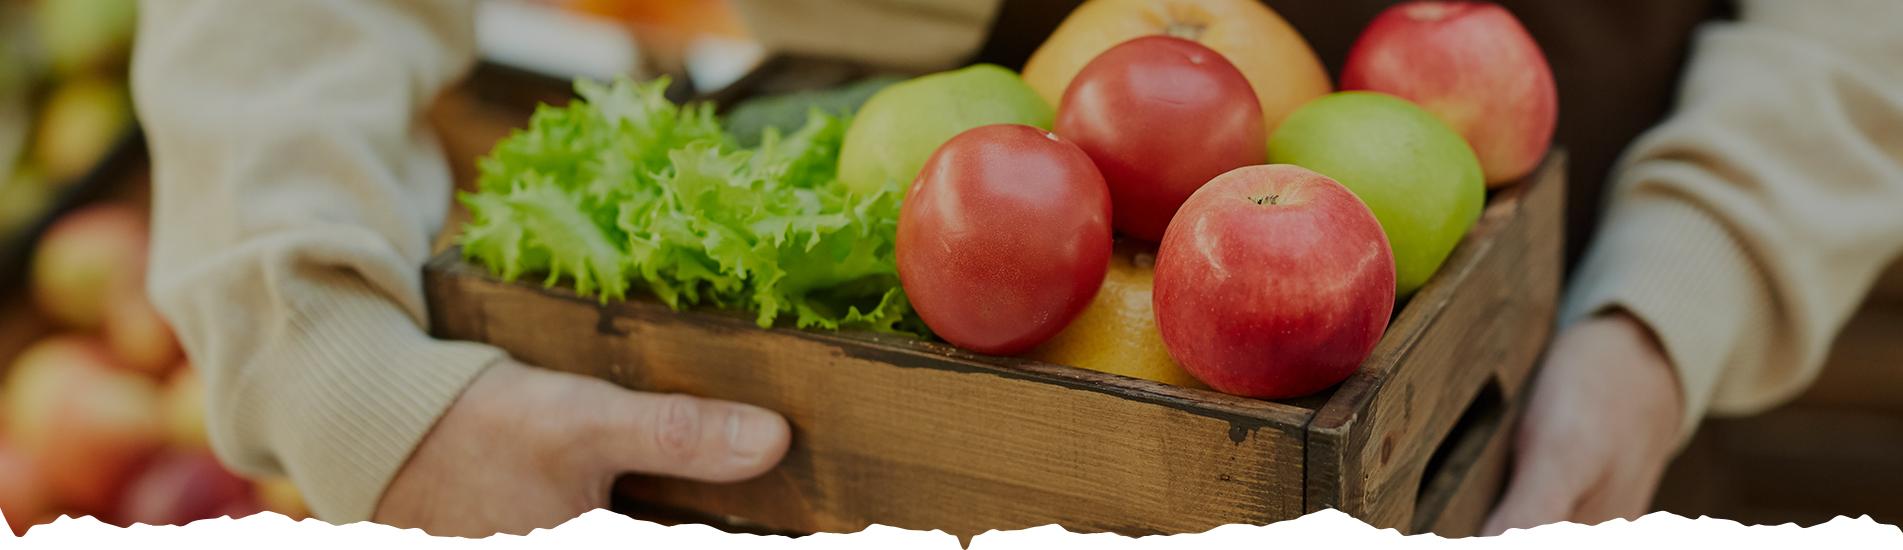 סלי ירקות ופירות - משק מיכאלי - סלי ירקות ופירות